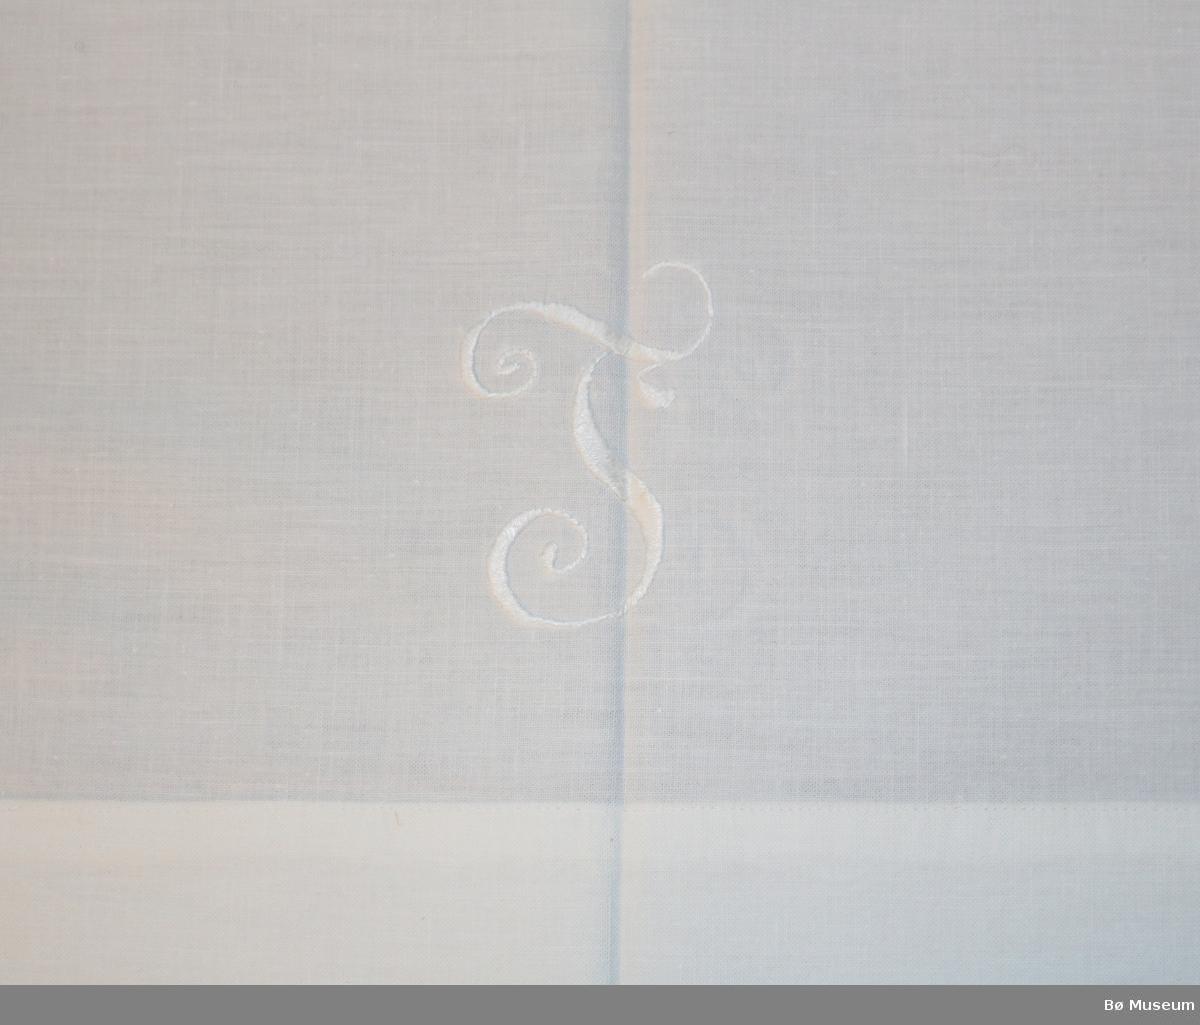 Bomullslaken med fall i begge kortsidene. Jare i begge sider. Kvit brodert L midt på, nederst.